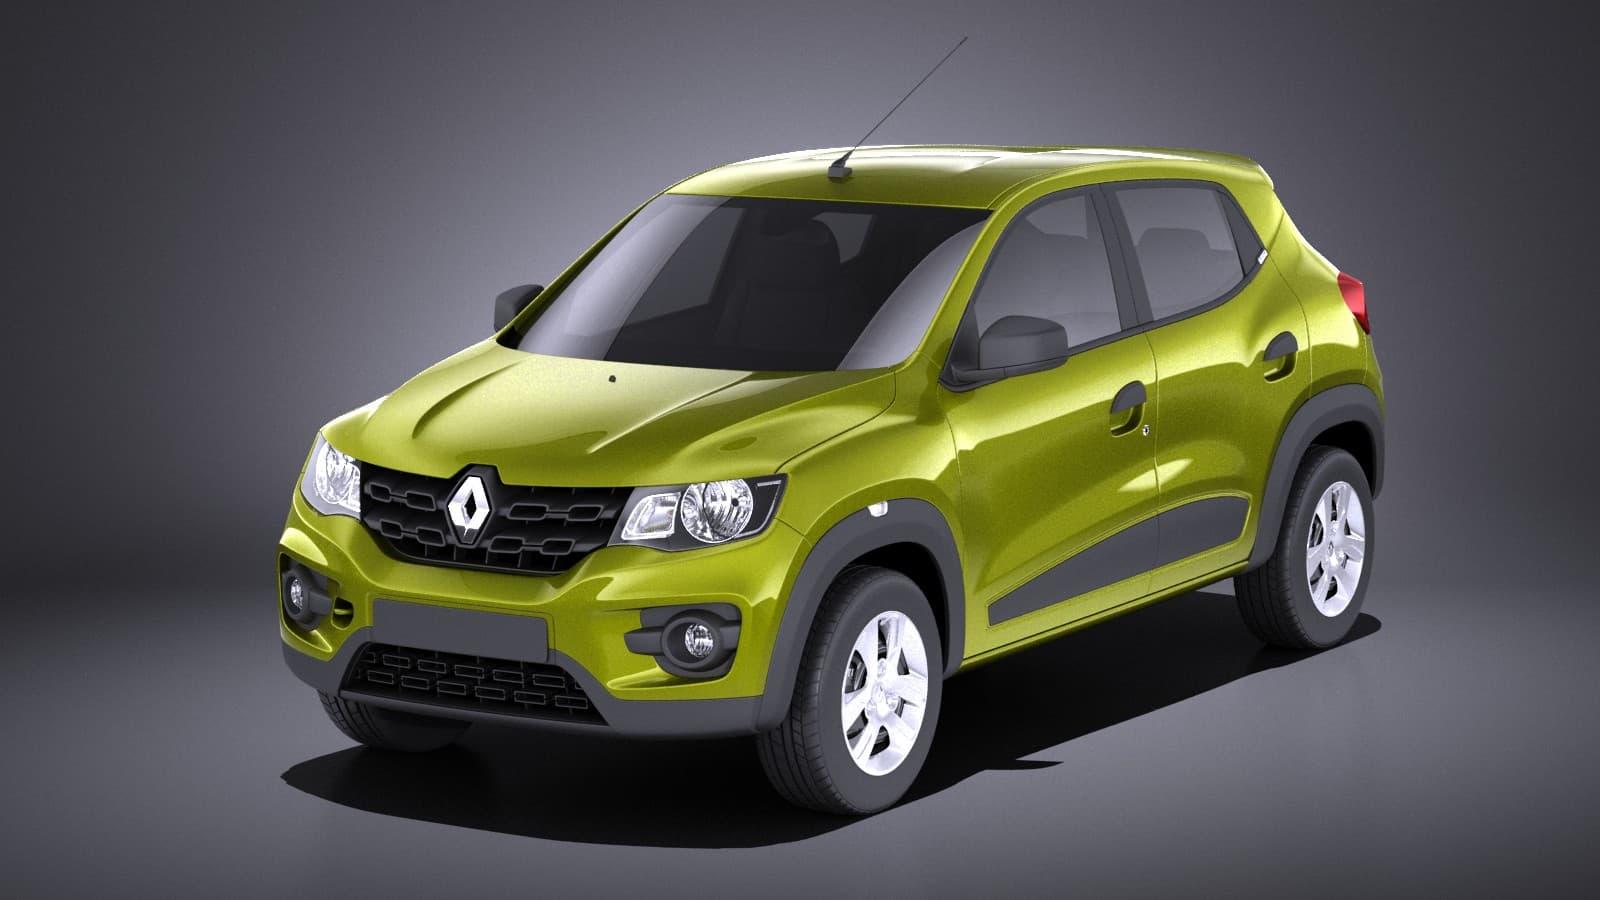 Renault Kwid 2018 Vray 3d Model